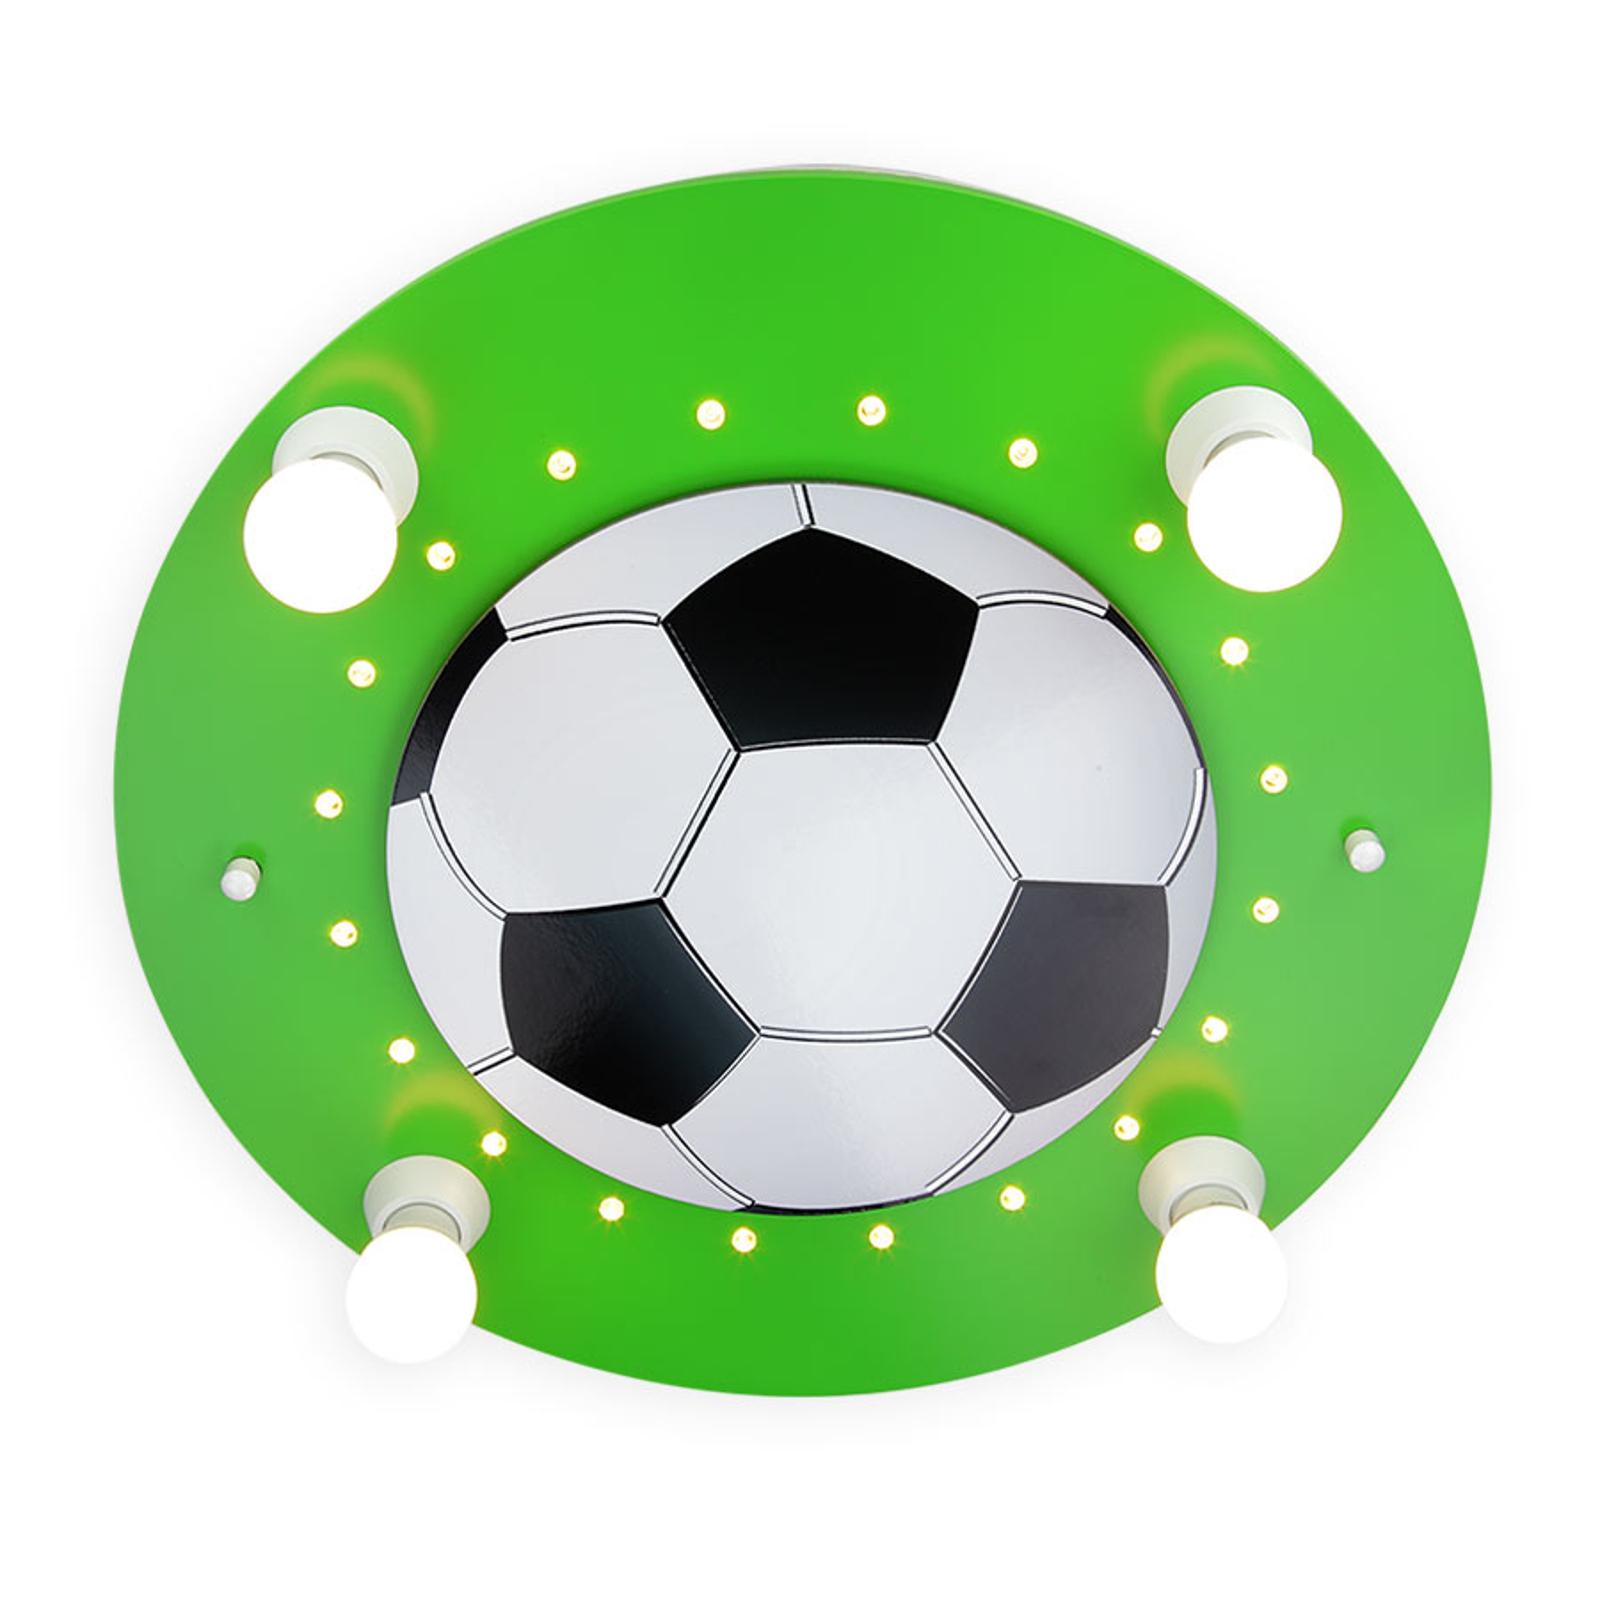 Lampa sufitowa Piłka nożna, 4-pkt. zielono-biała